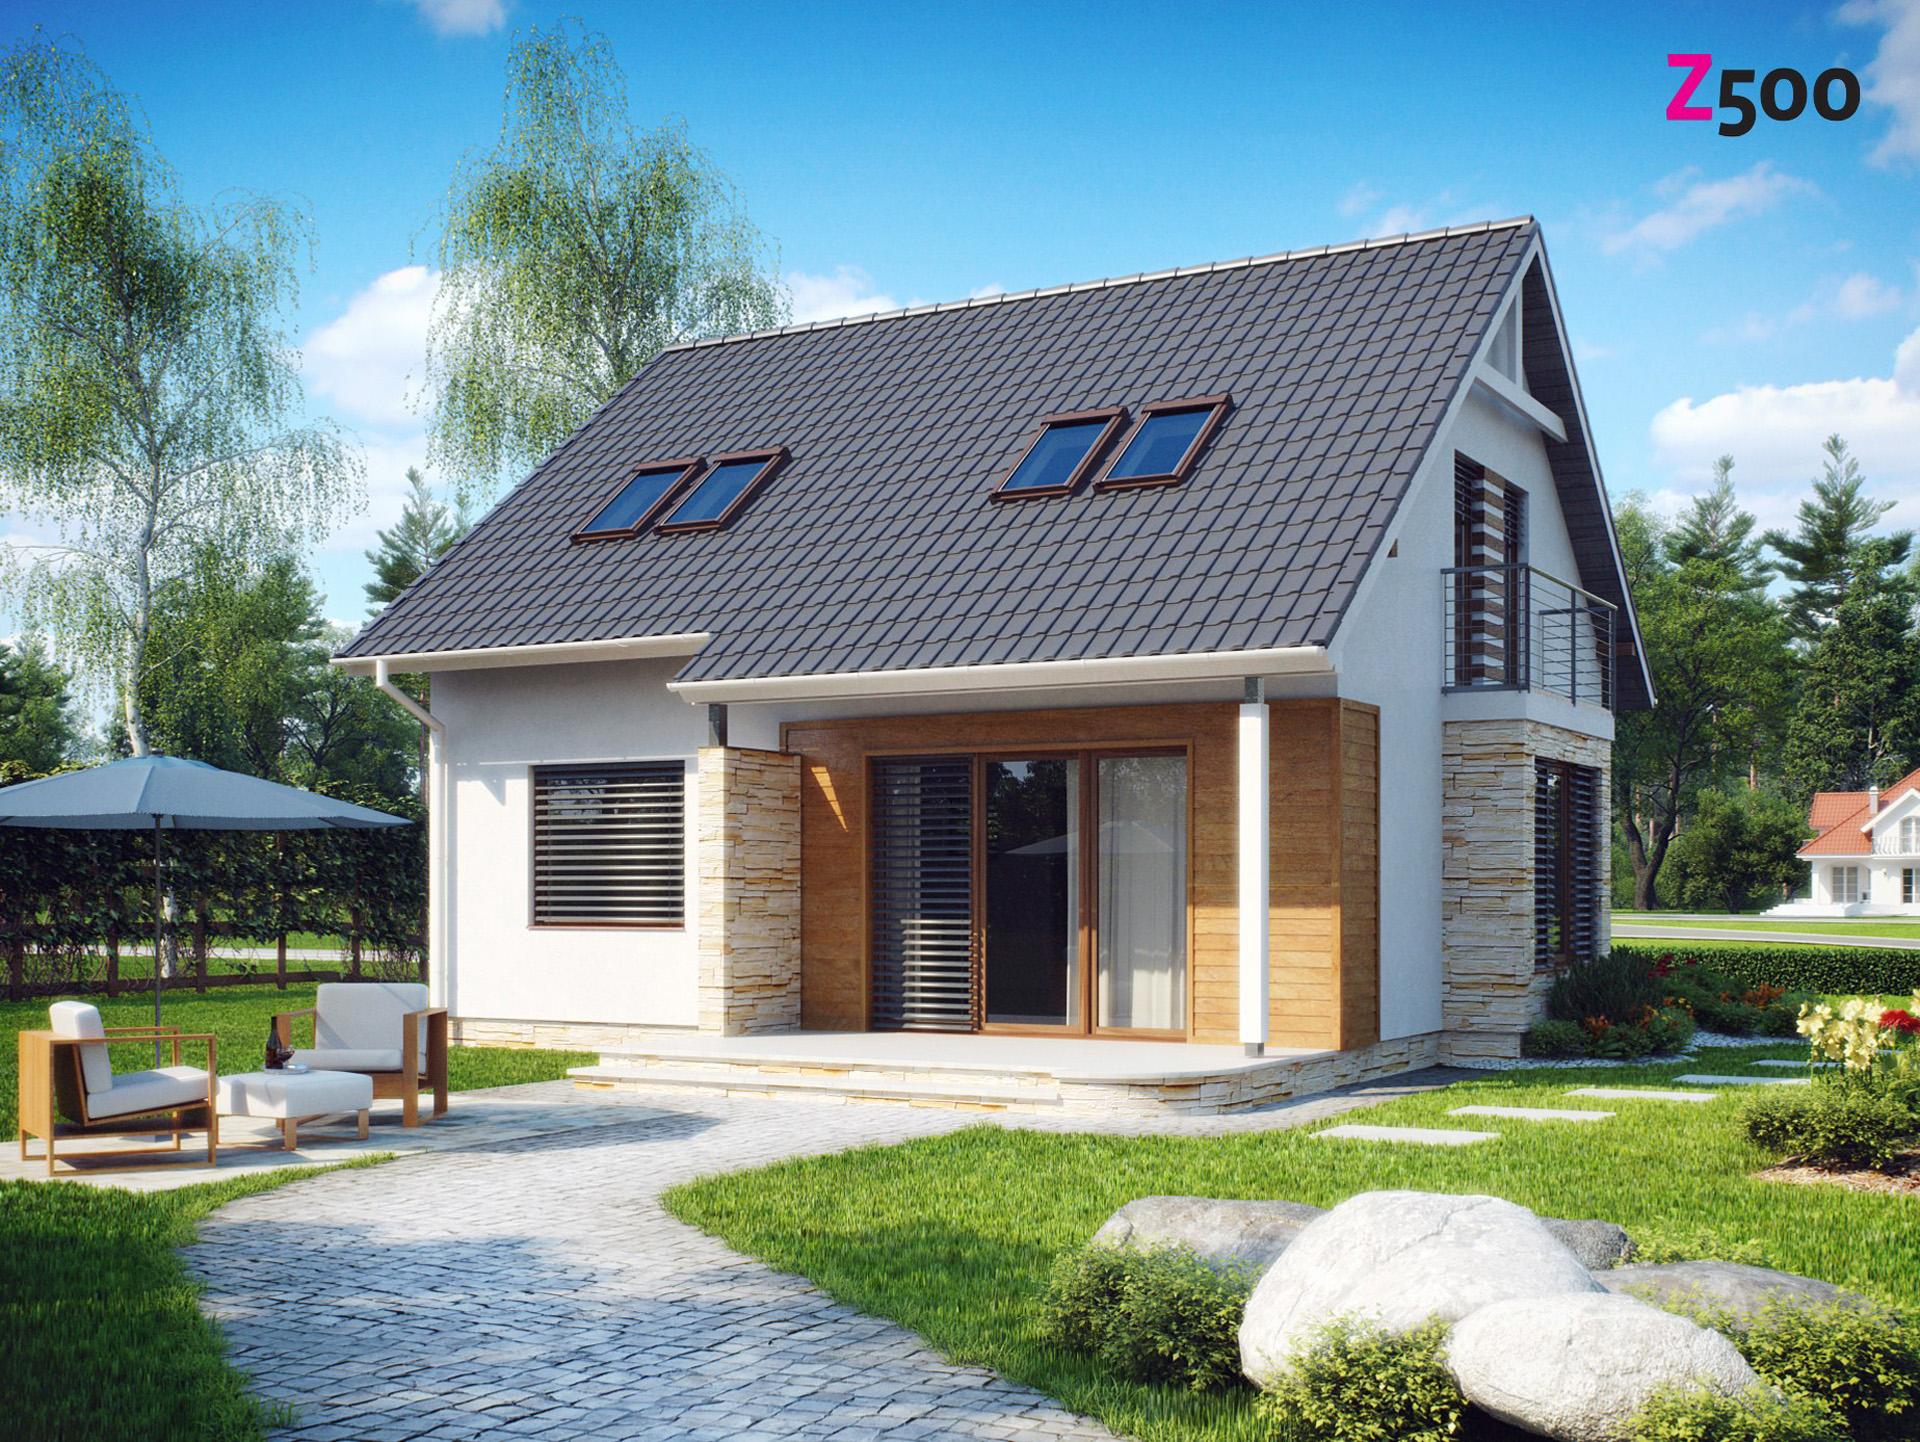 при носке проект маленького дома из блоков стирают термобелье